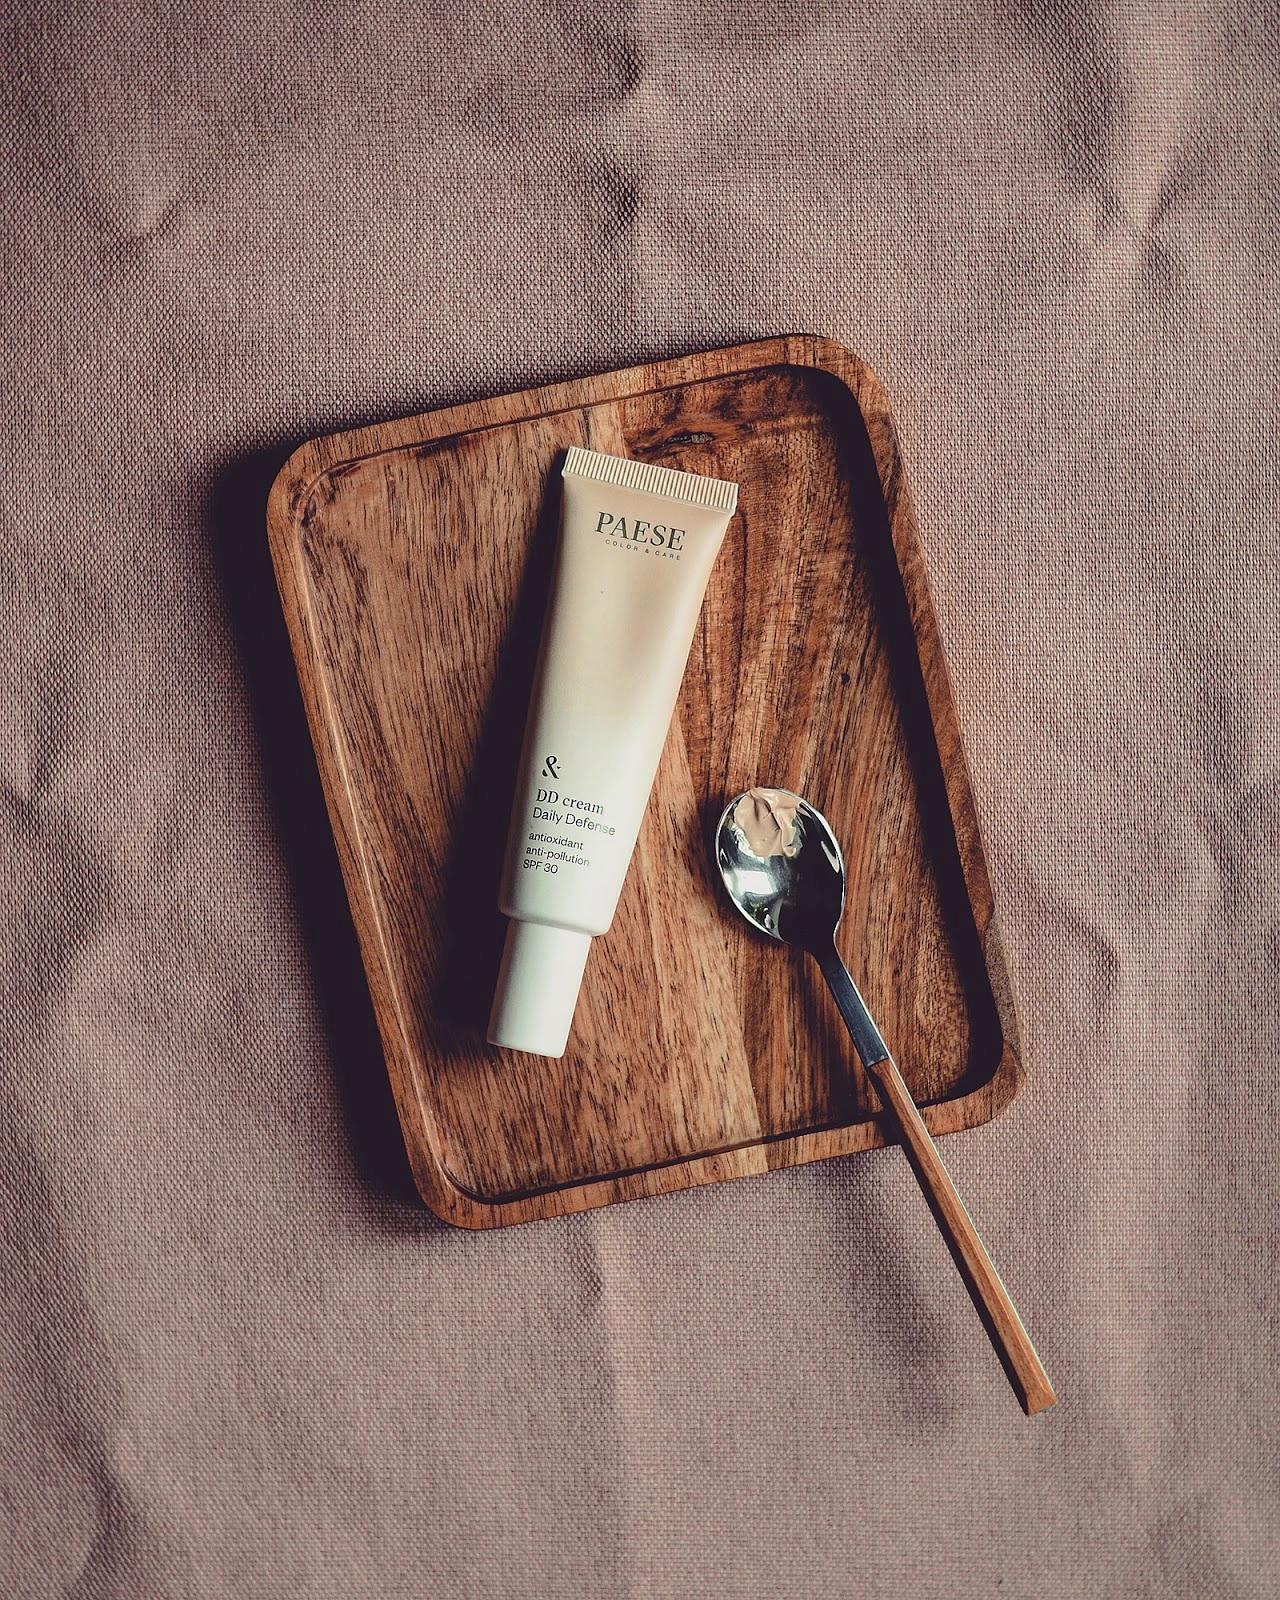 paese cream dd lekki krem barwiący podkład naturalny do twarzy podkład który nie daje efektu maski nawilżający kremowy podkład dla suchej i odwodnionej skóry podkład który nie zatyka porów lekki podkład nawilżający